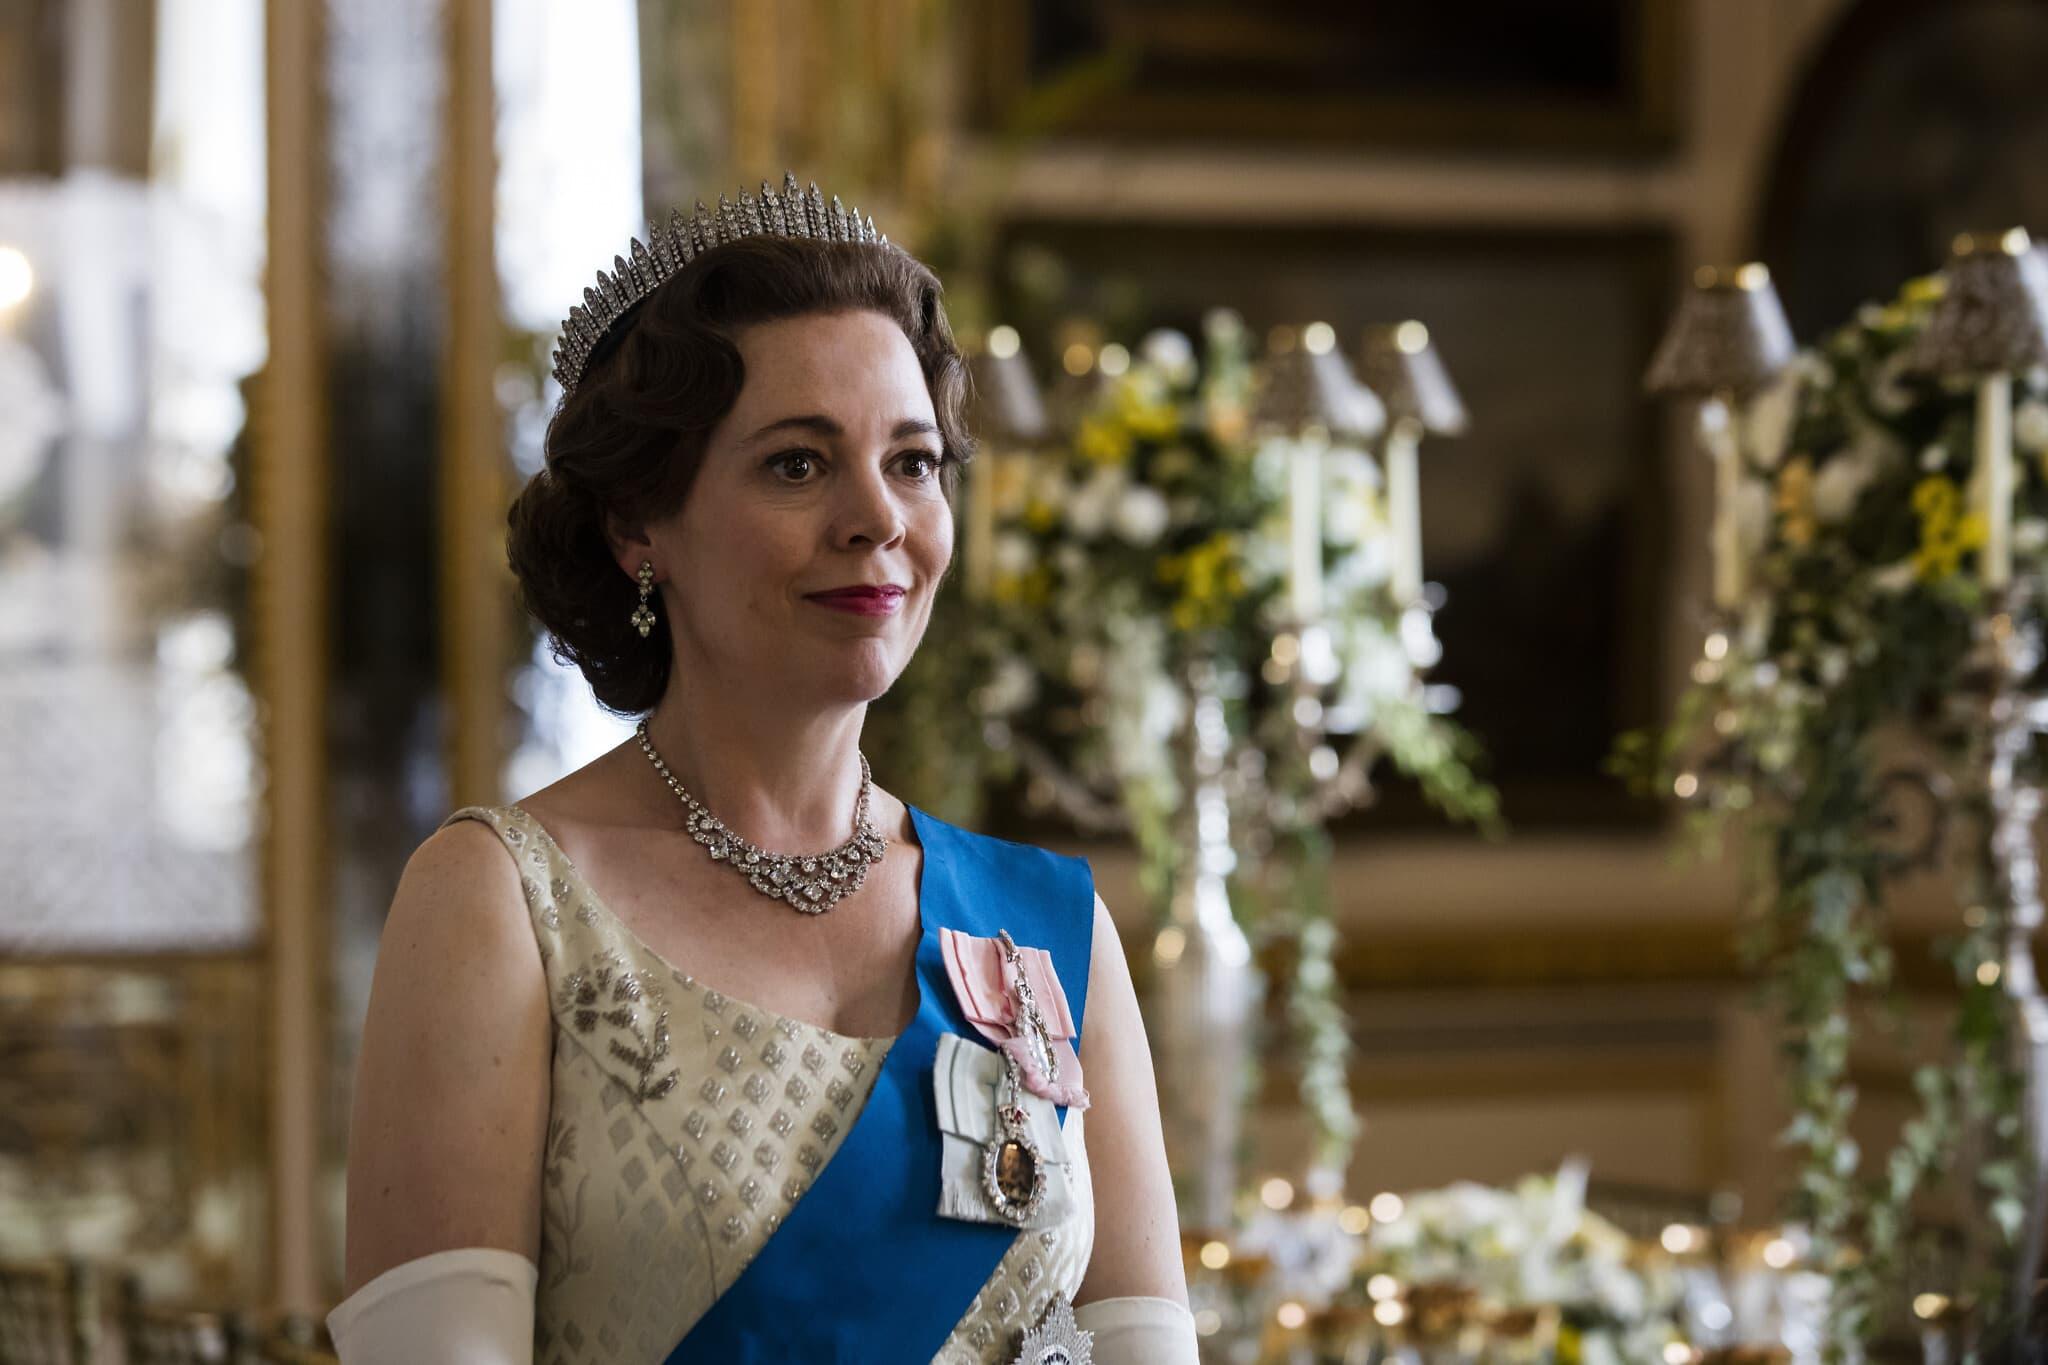 """אוליביה קולמן בתפקיד המלכה אליזבת השנייה בסדרה """"הכתר"""" של נטפליקס (צילום: Sophie Mutevelian/Netflix)"""